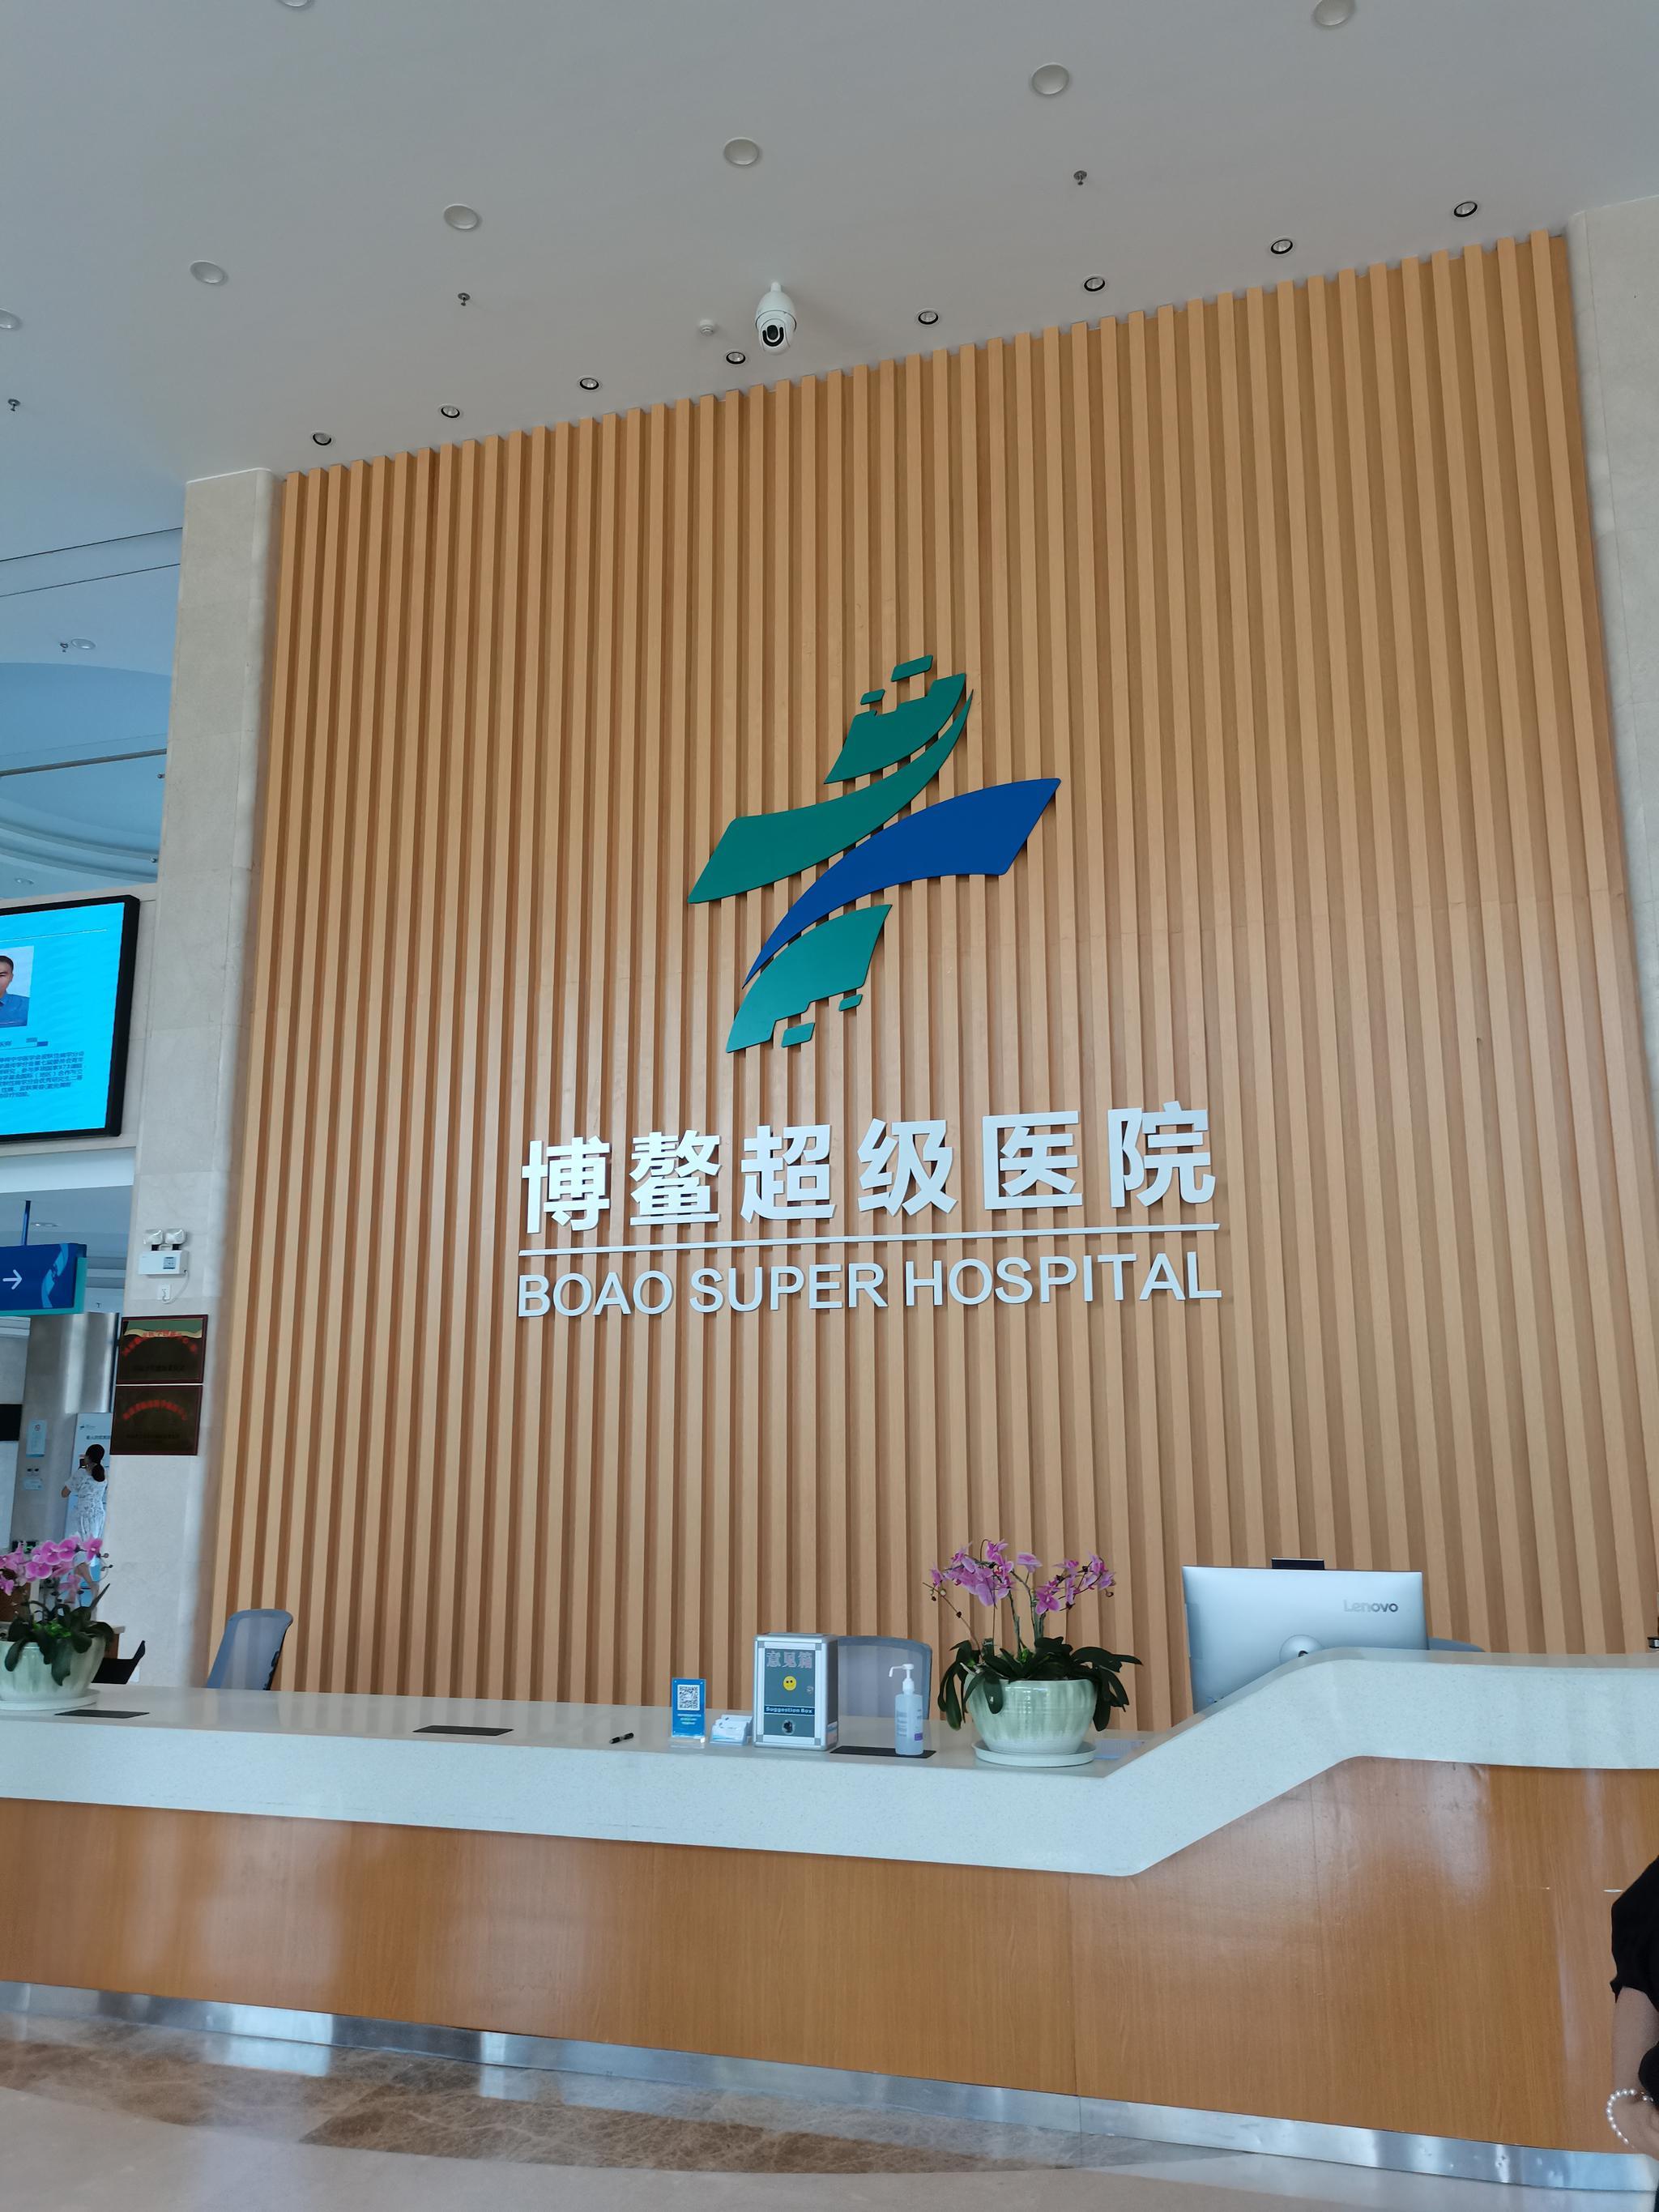 探访博鳌超级医院:院士团队扎堆入驻,可用国内尚未上市新药